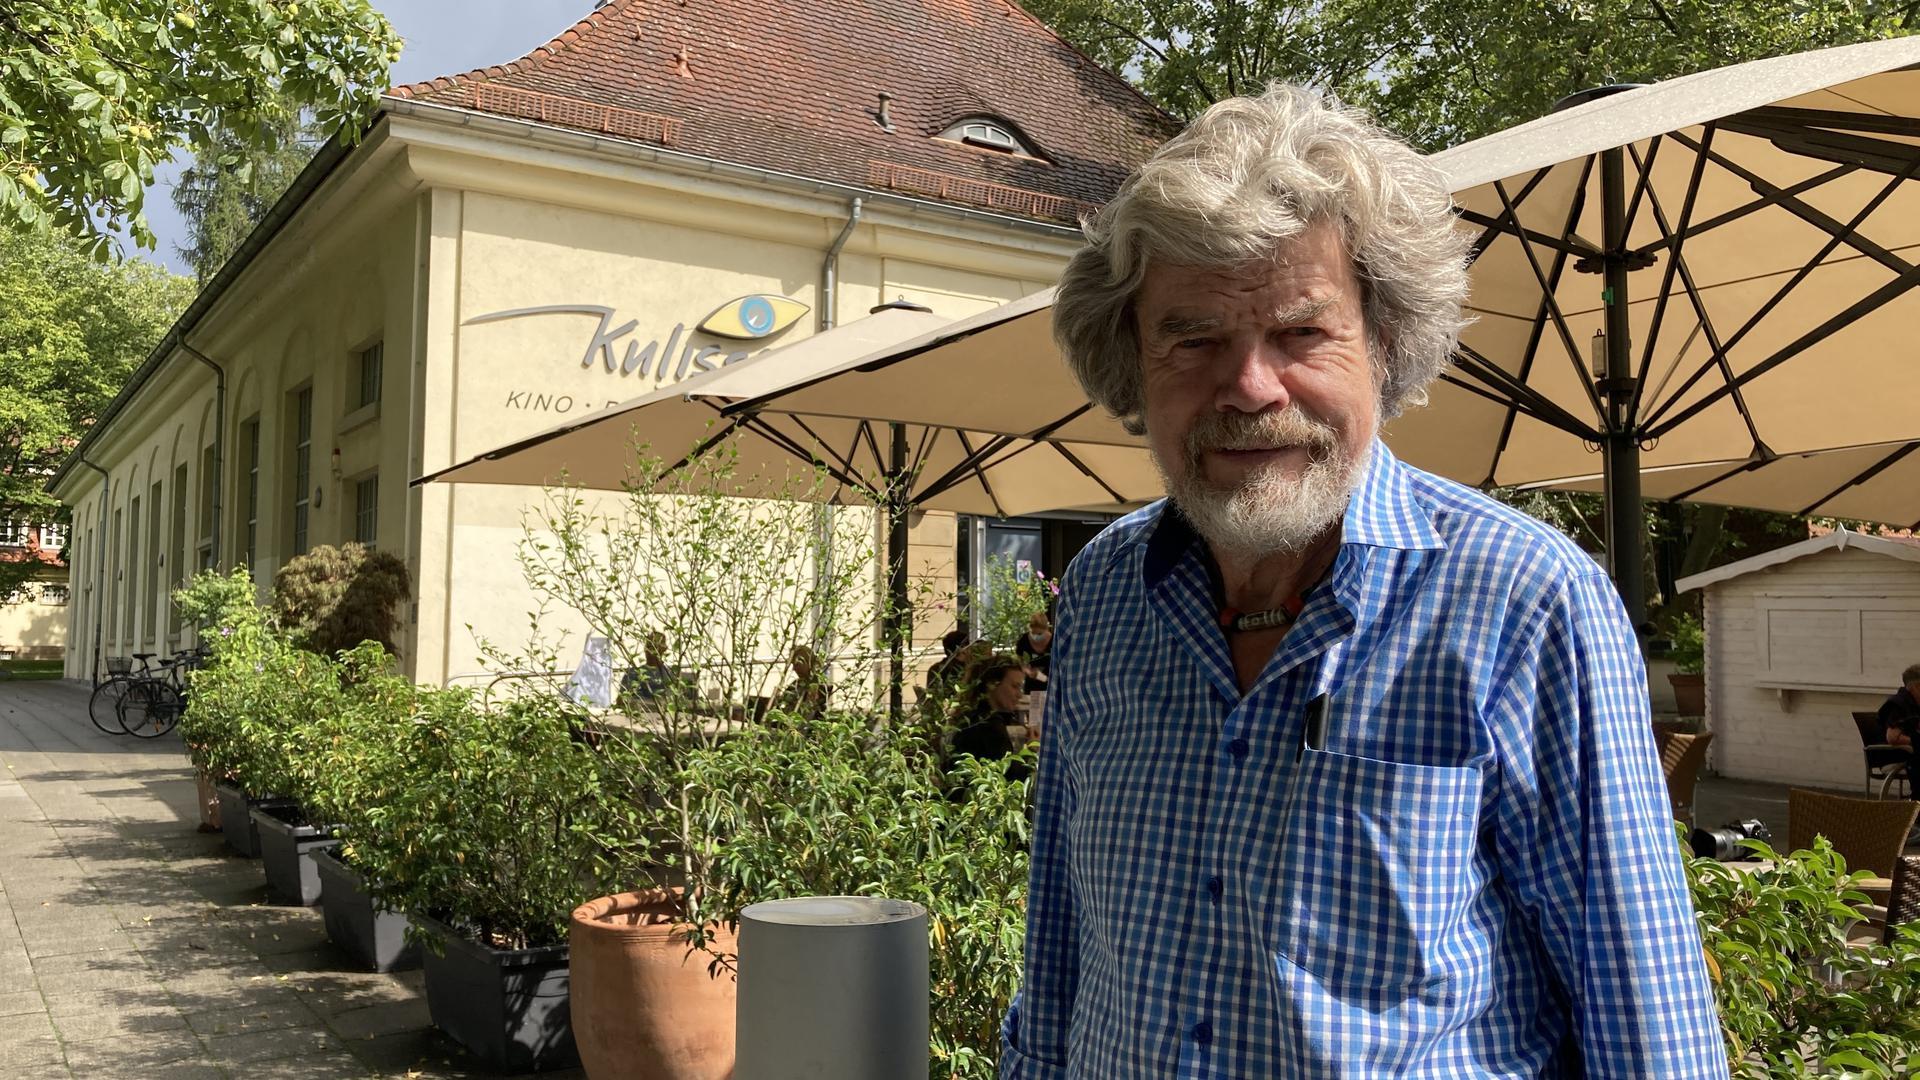 Als Geschichtenerzähler nach Ettlingen gekommen: Reinhold Messner spricht am Sonntagabend beim Open Air der Kulisse am Dickhäuterplatz.